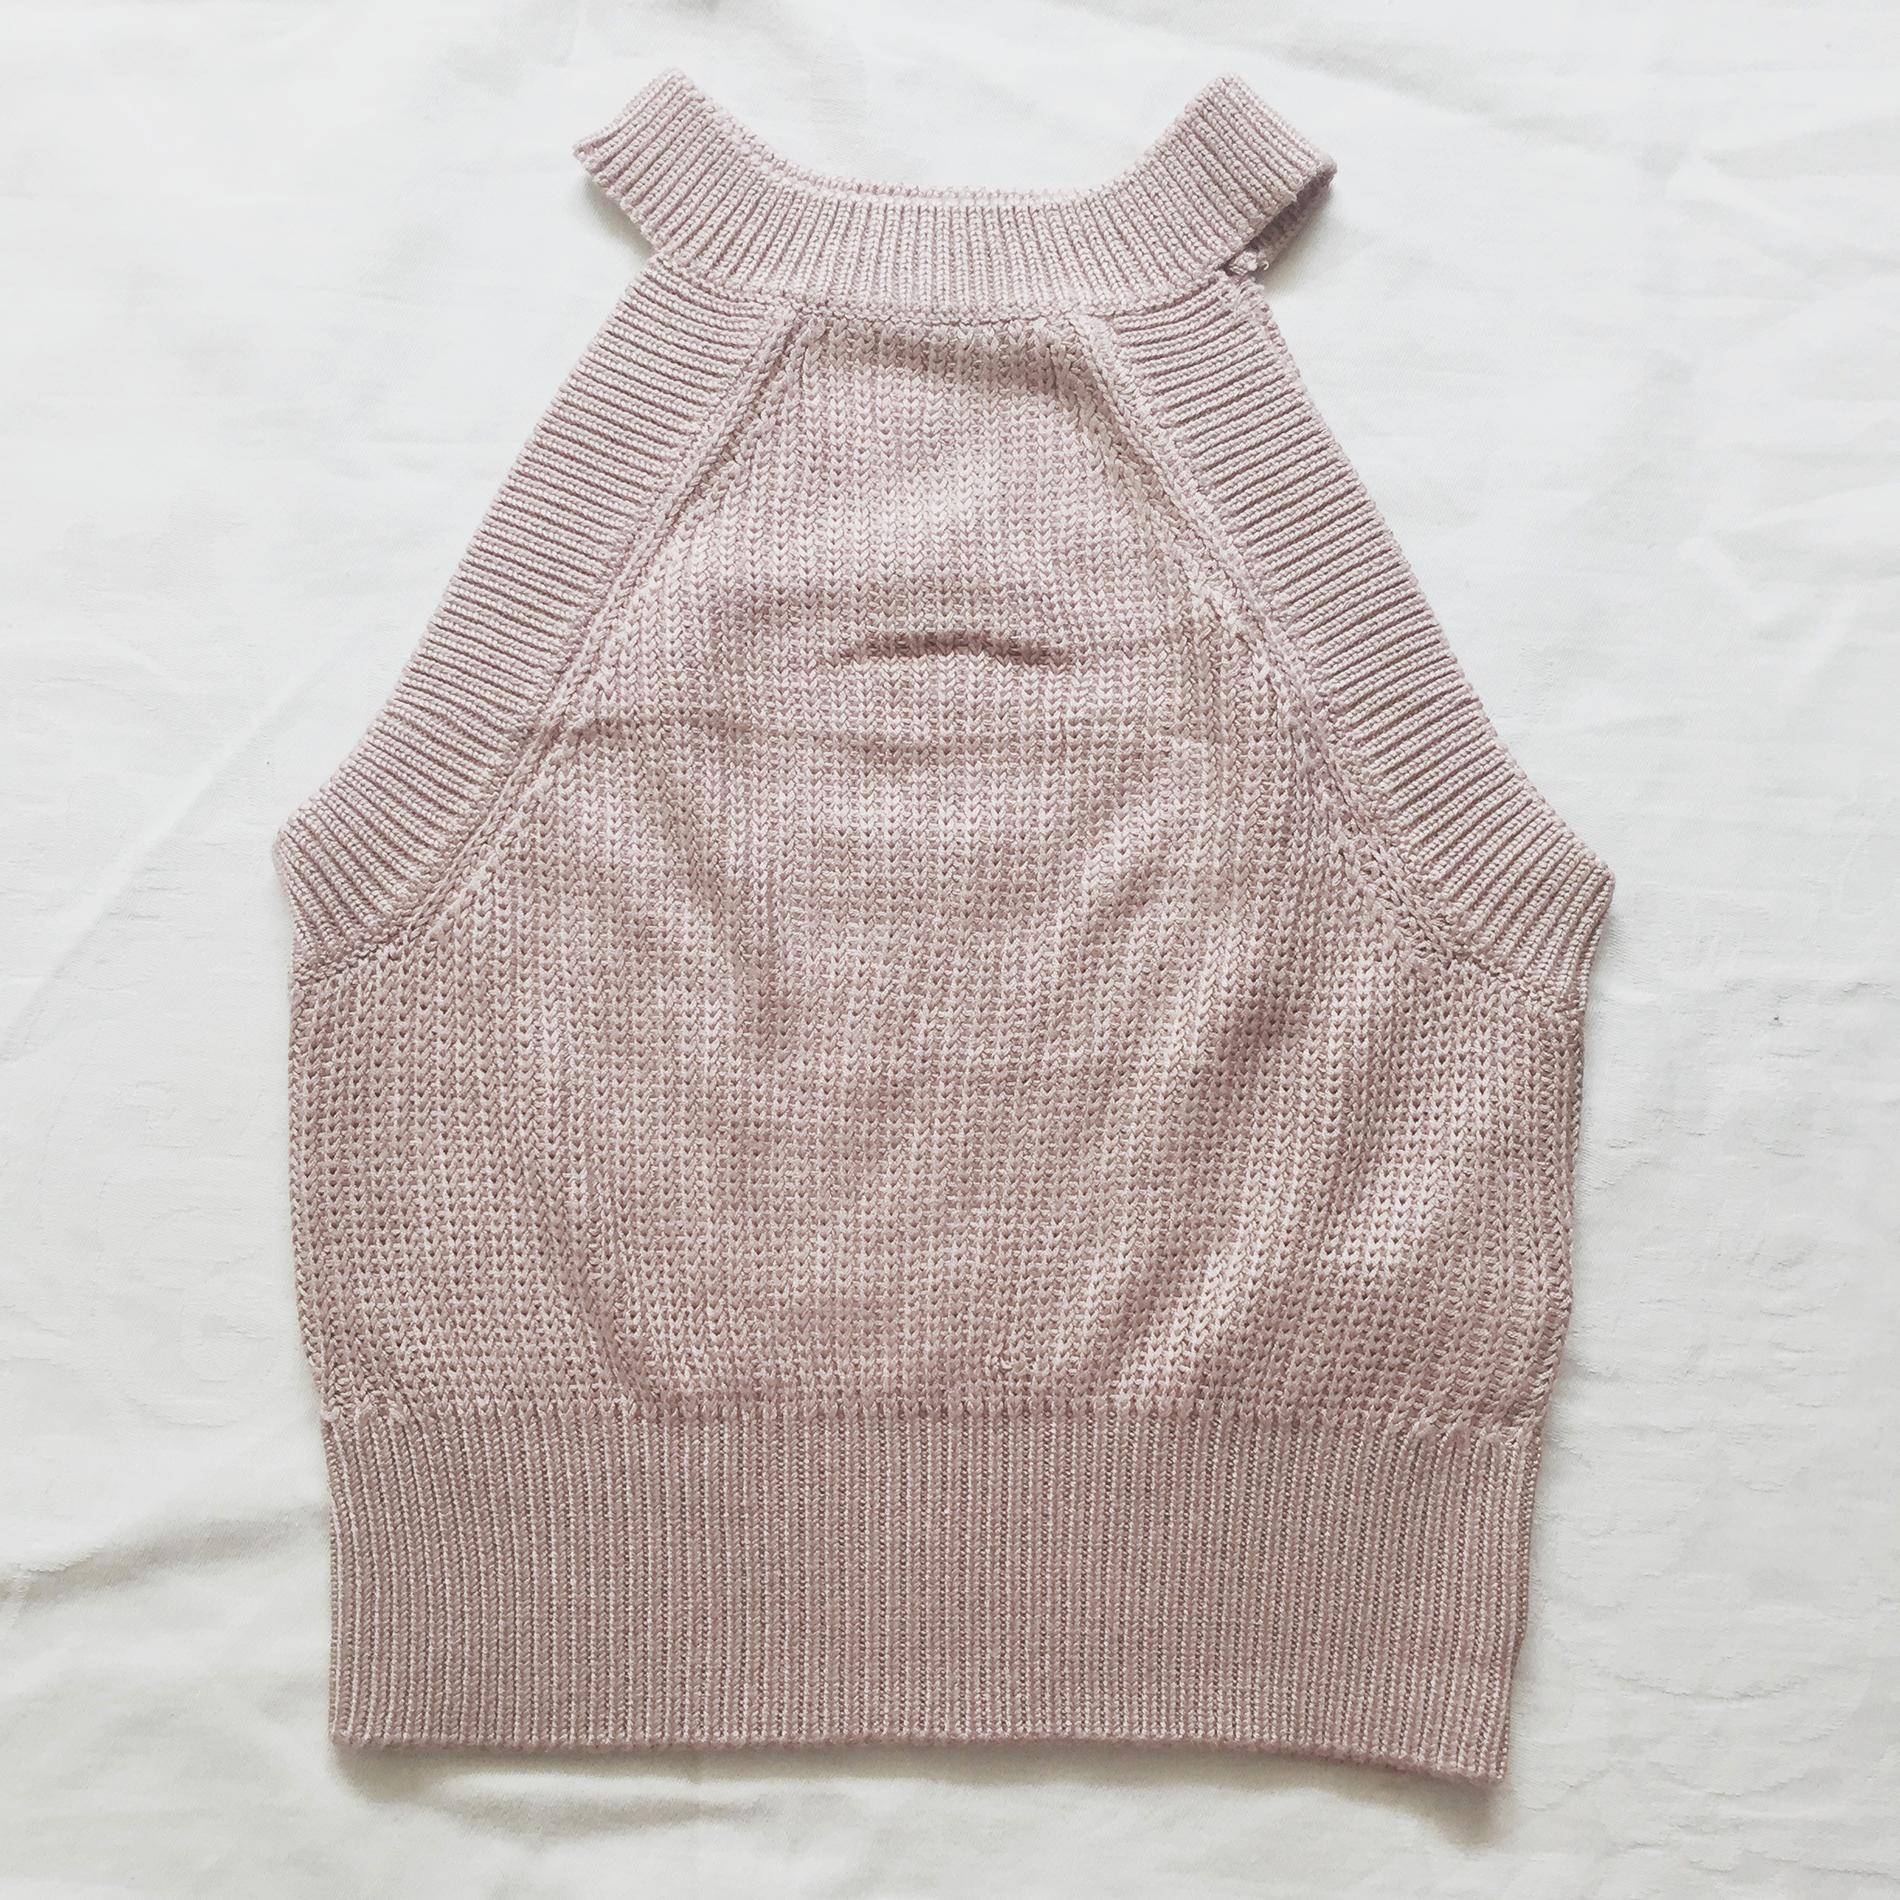 Sweater Knit Halter Crop Top (Blush Pink) · Megoosta Fashion · Free ...